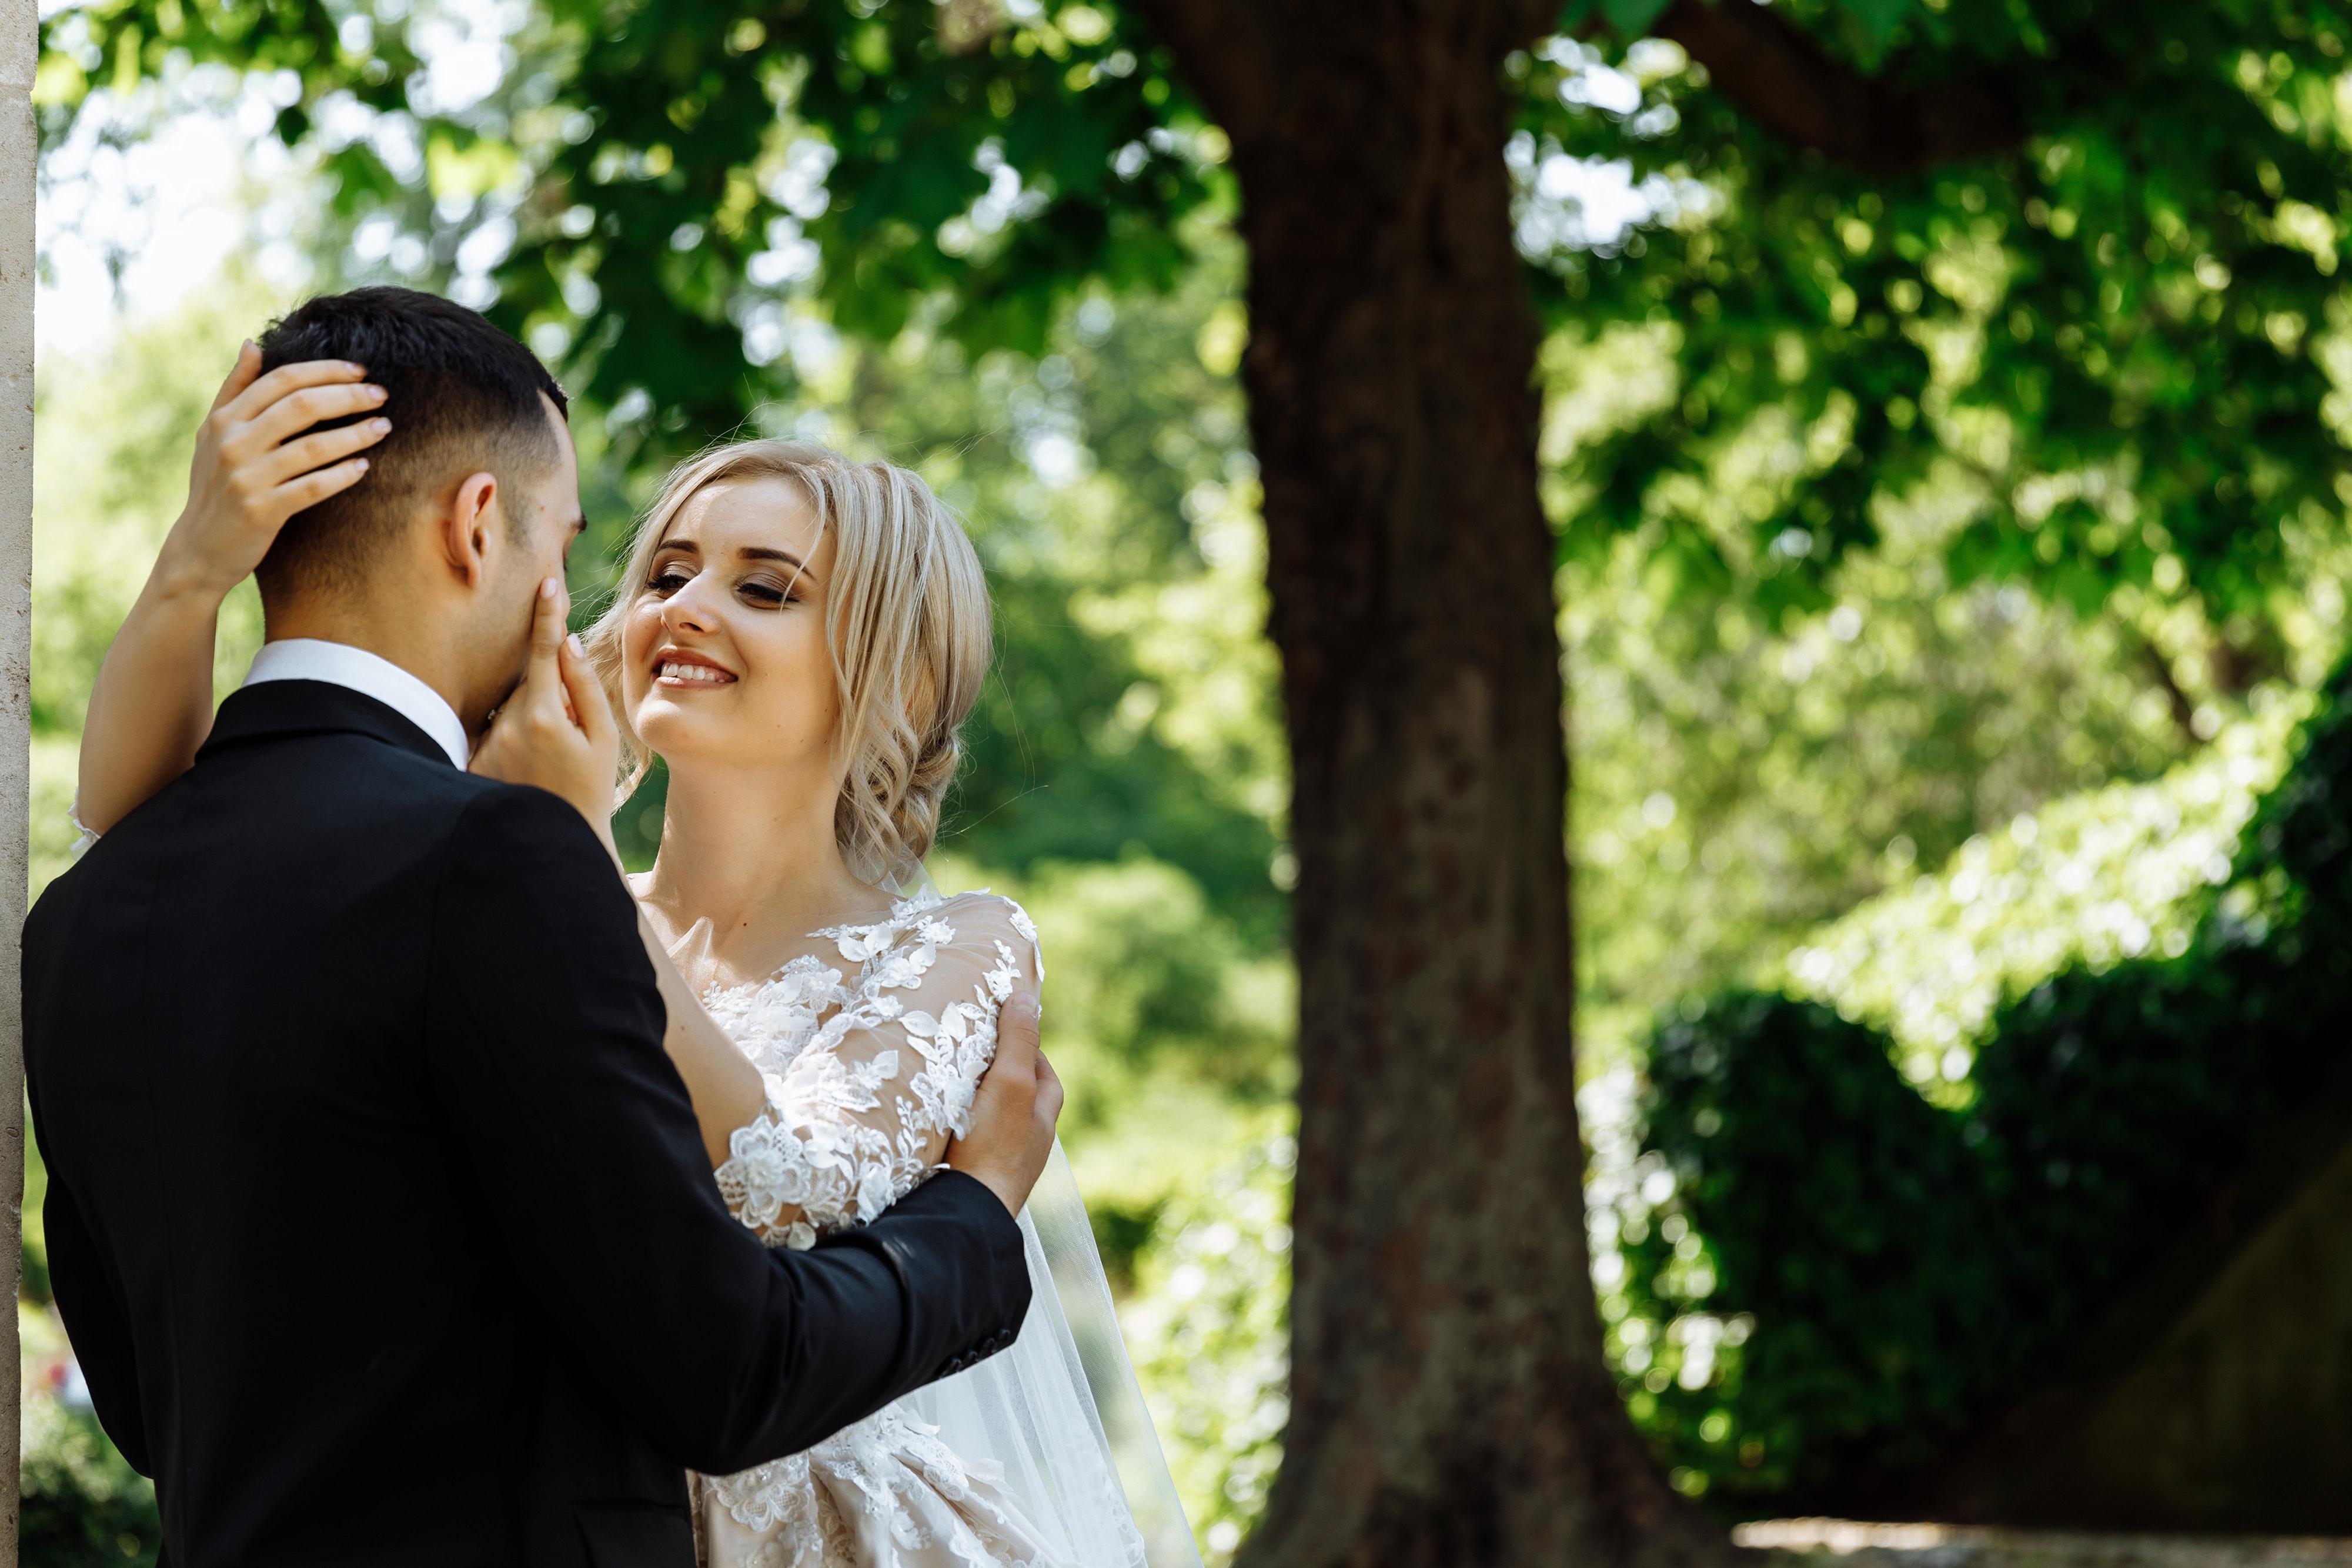 c85b59db73bc fotografie žena nevesta svadobné obrad ženích strom fotografovanie udalosť  zábava úsmev dievča svadobné oblečenie šťastie rastlina